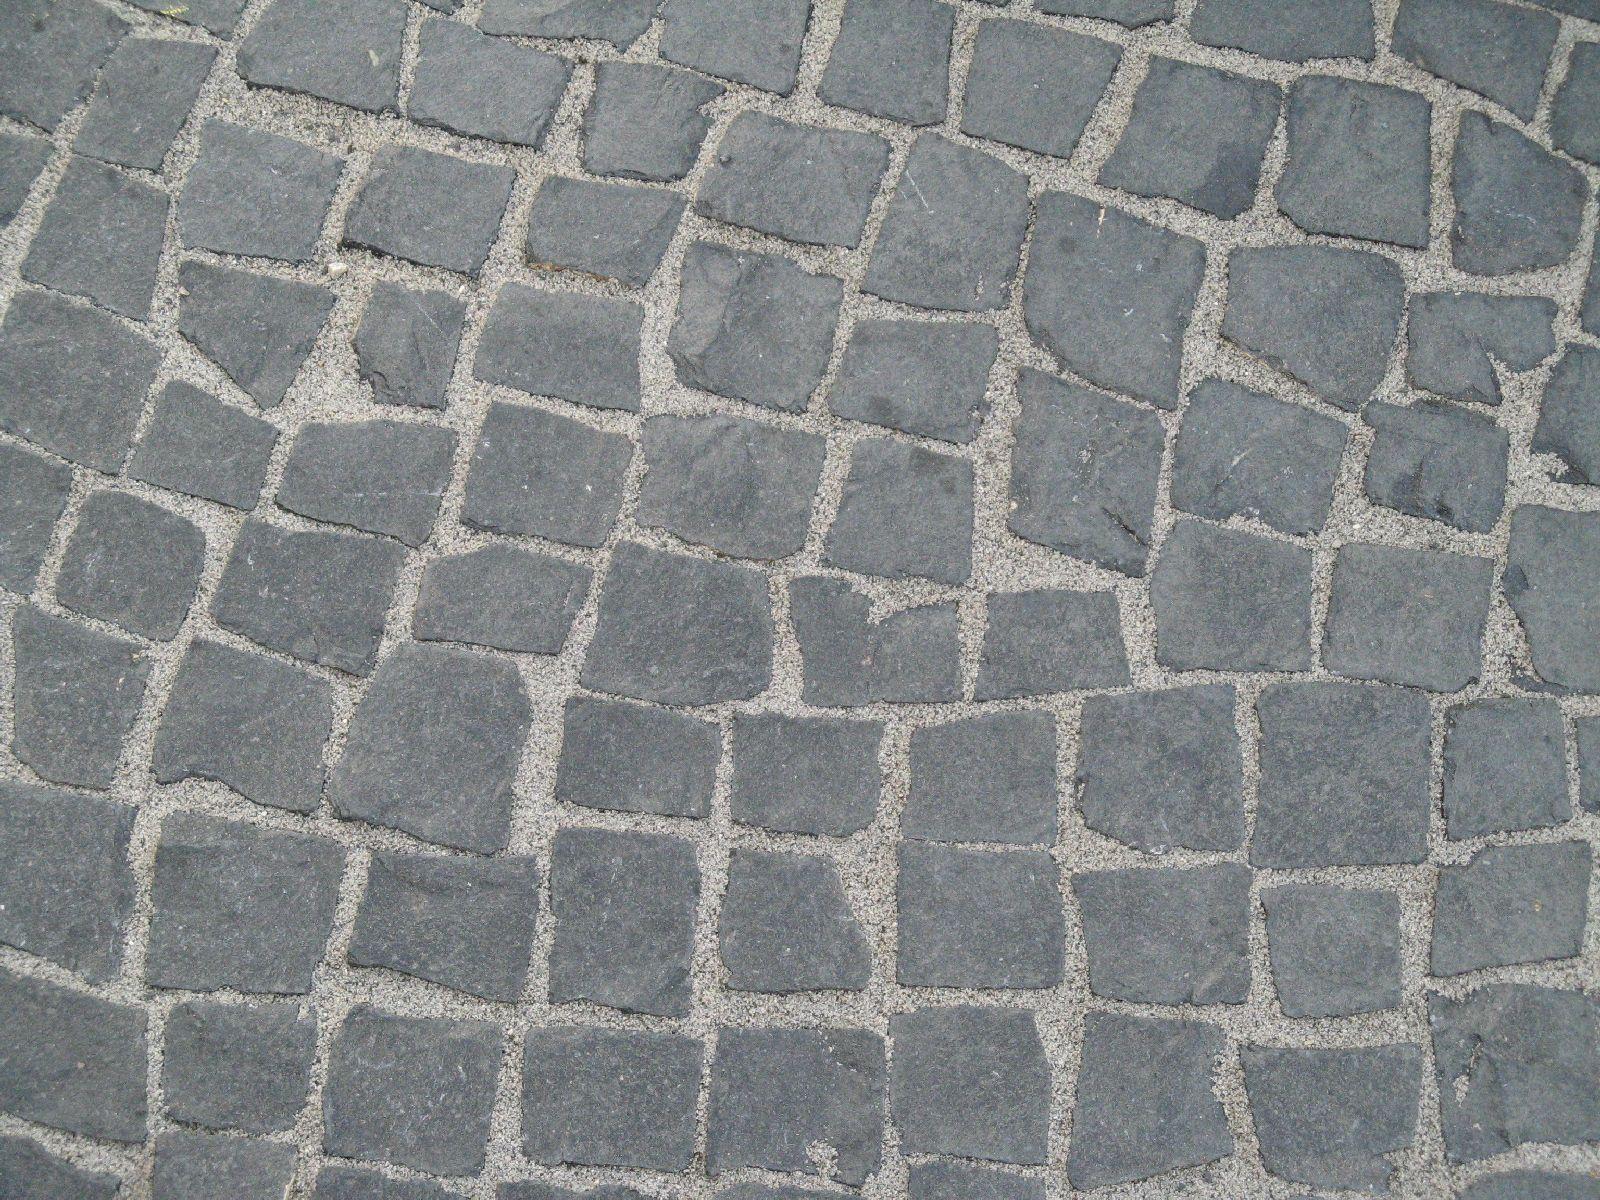 Boden-Gehweg-Strasse-Buergersteig-Textur_B_00638